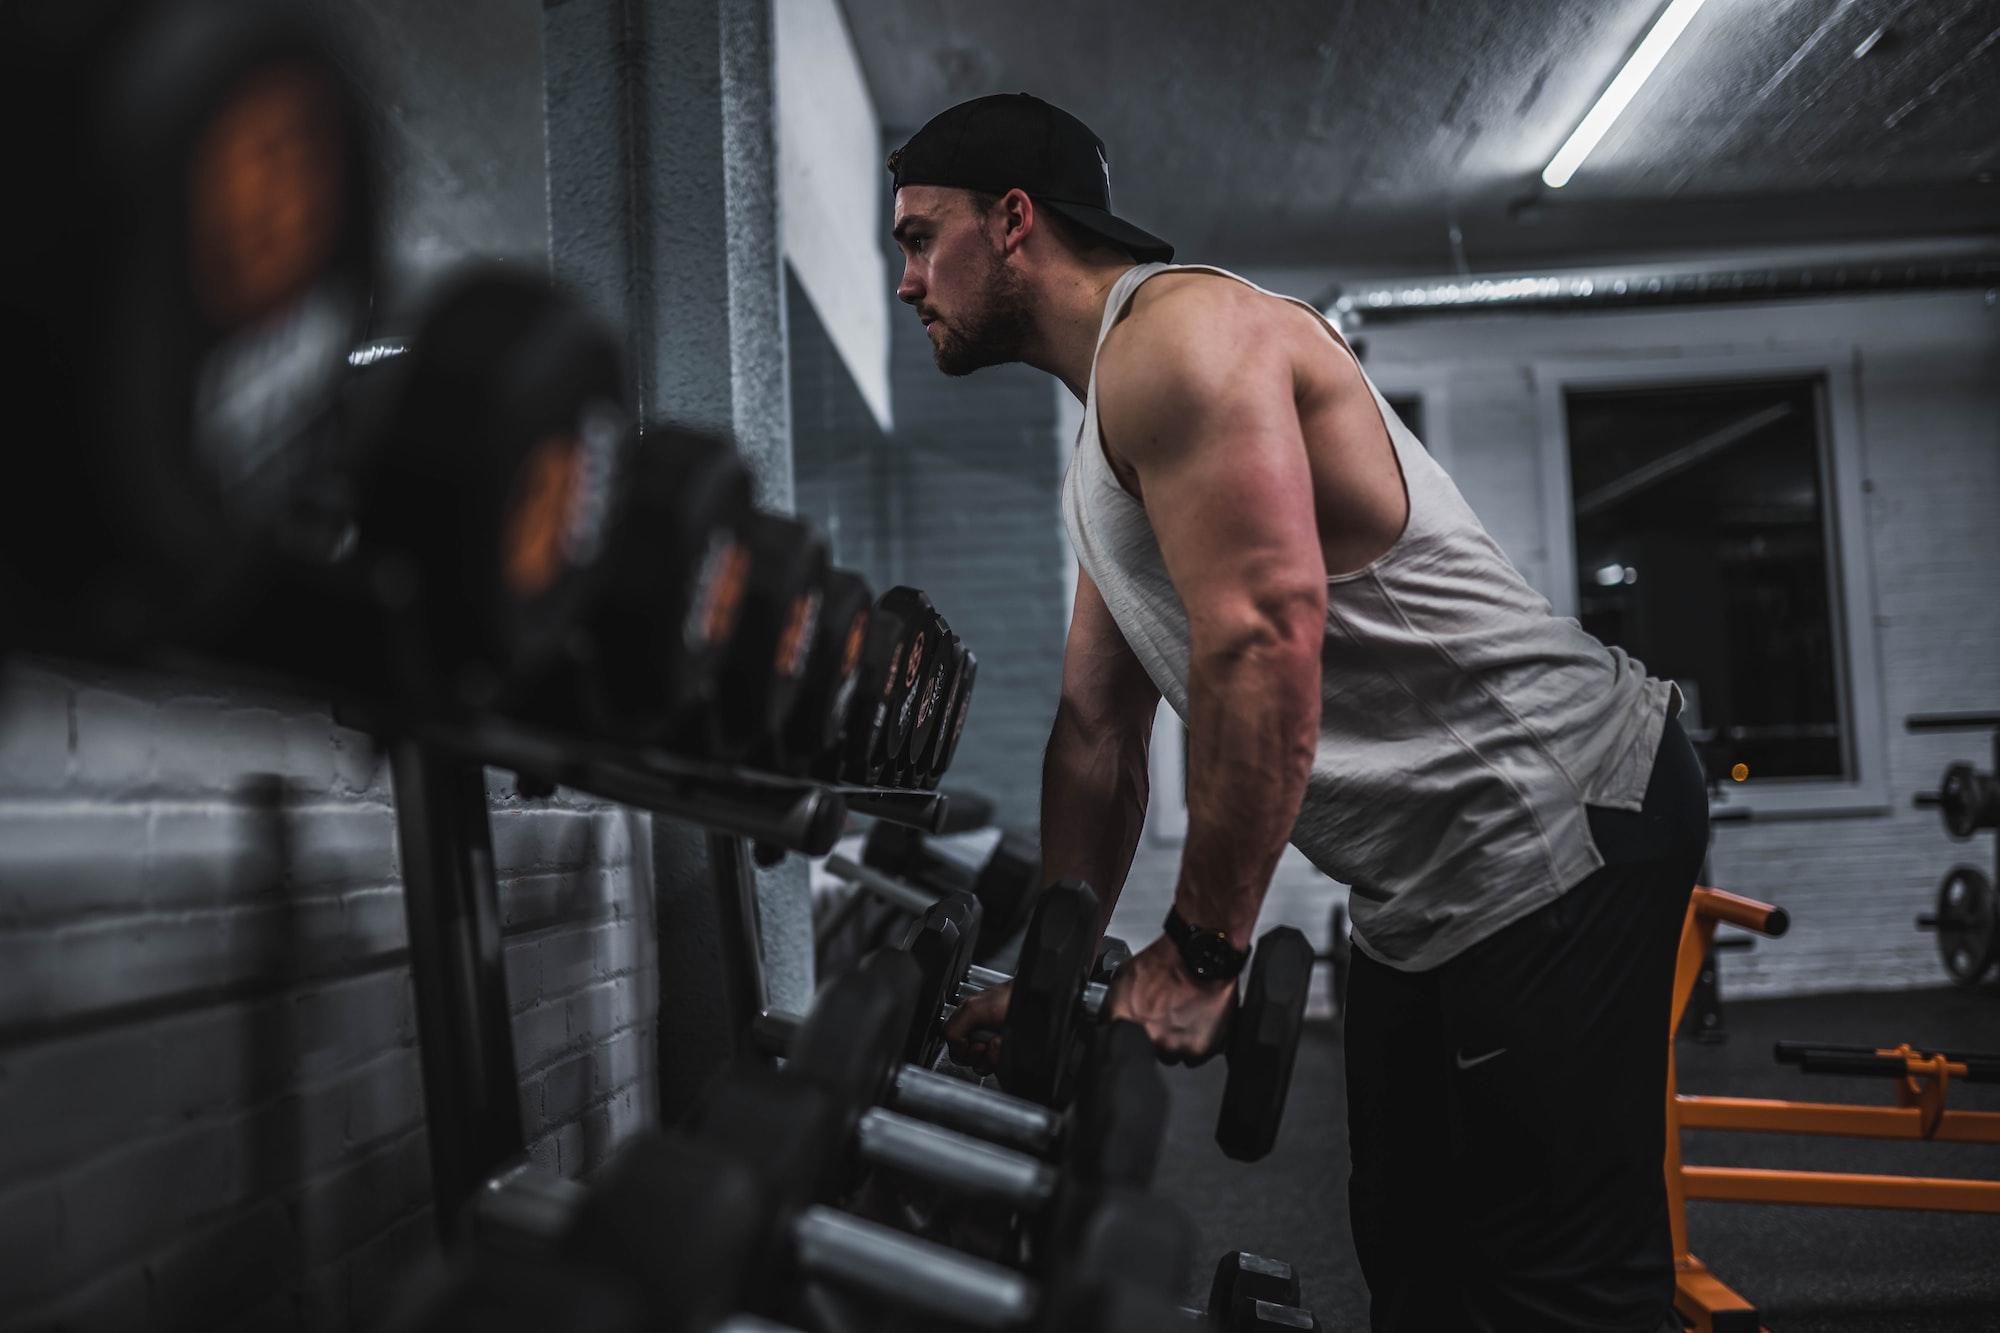 เคล็ดลับเผาพลาญไขมันยังไง ไม่ให้สูญเสียกล้ามเนื้อ